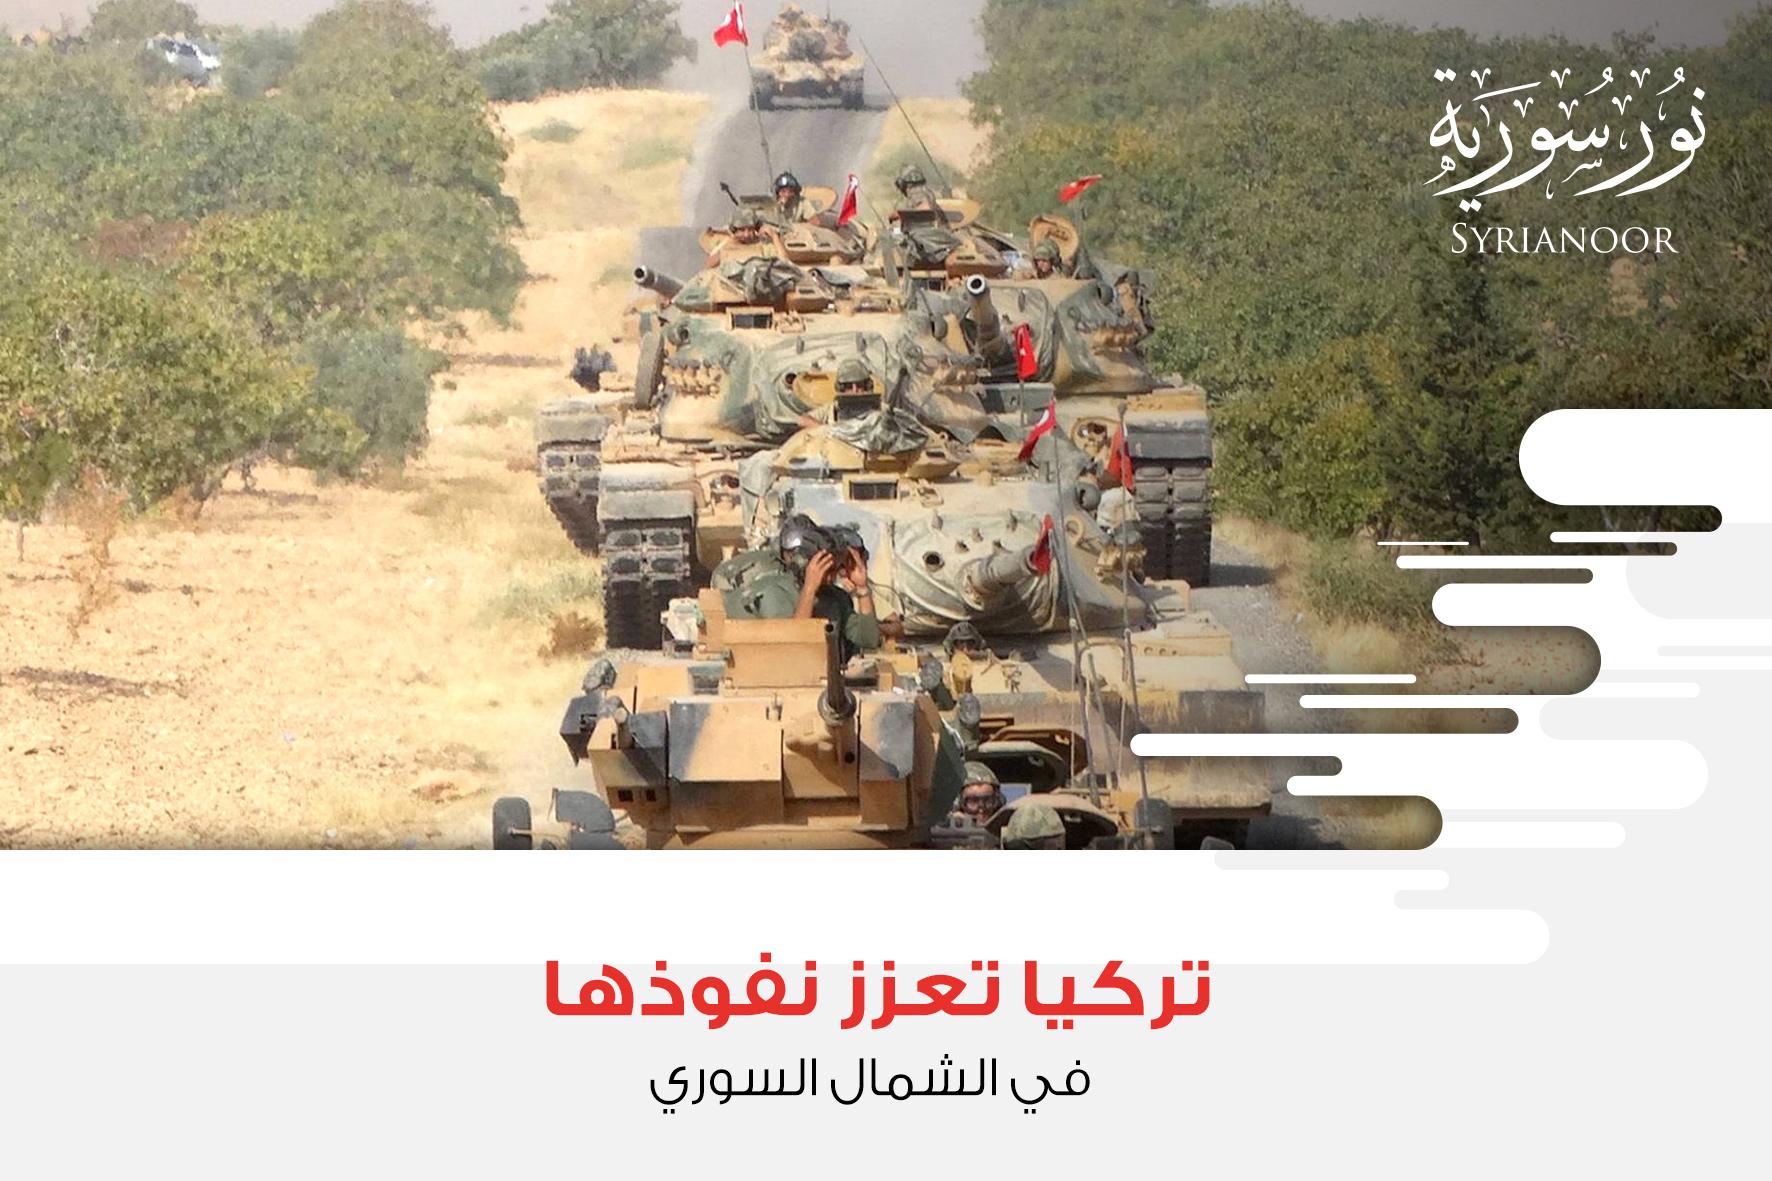 تركيا تعزز نفوذها في الشمال السوري